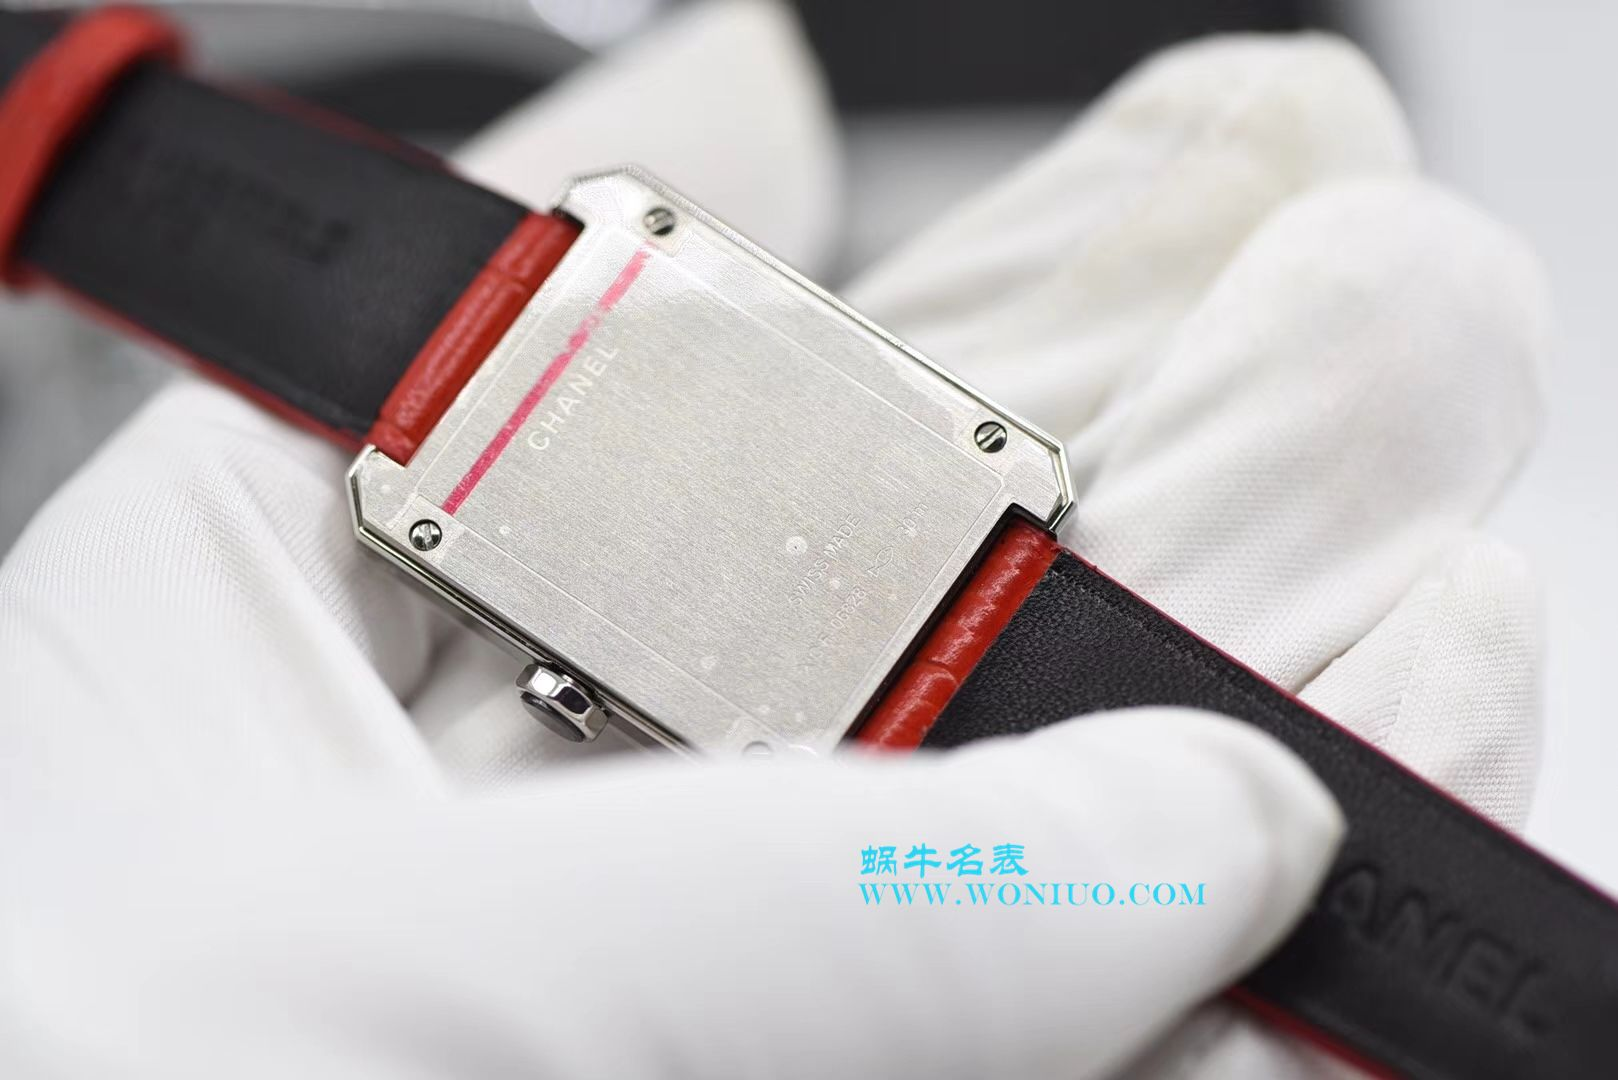 最新力作 原版开模 香家BOY·FRIEND系列腕表设计灵感源自香家成名已久的PREMIÈRE系列产品 / X035